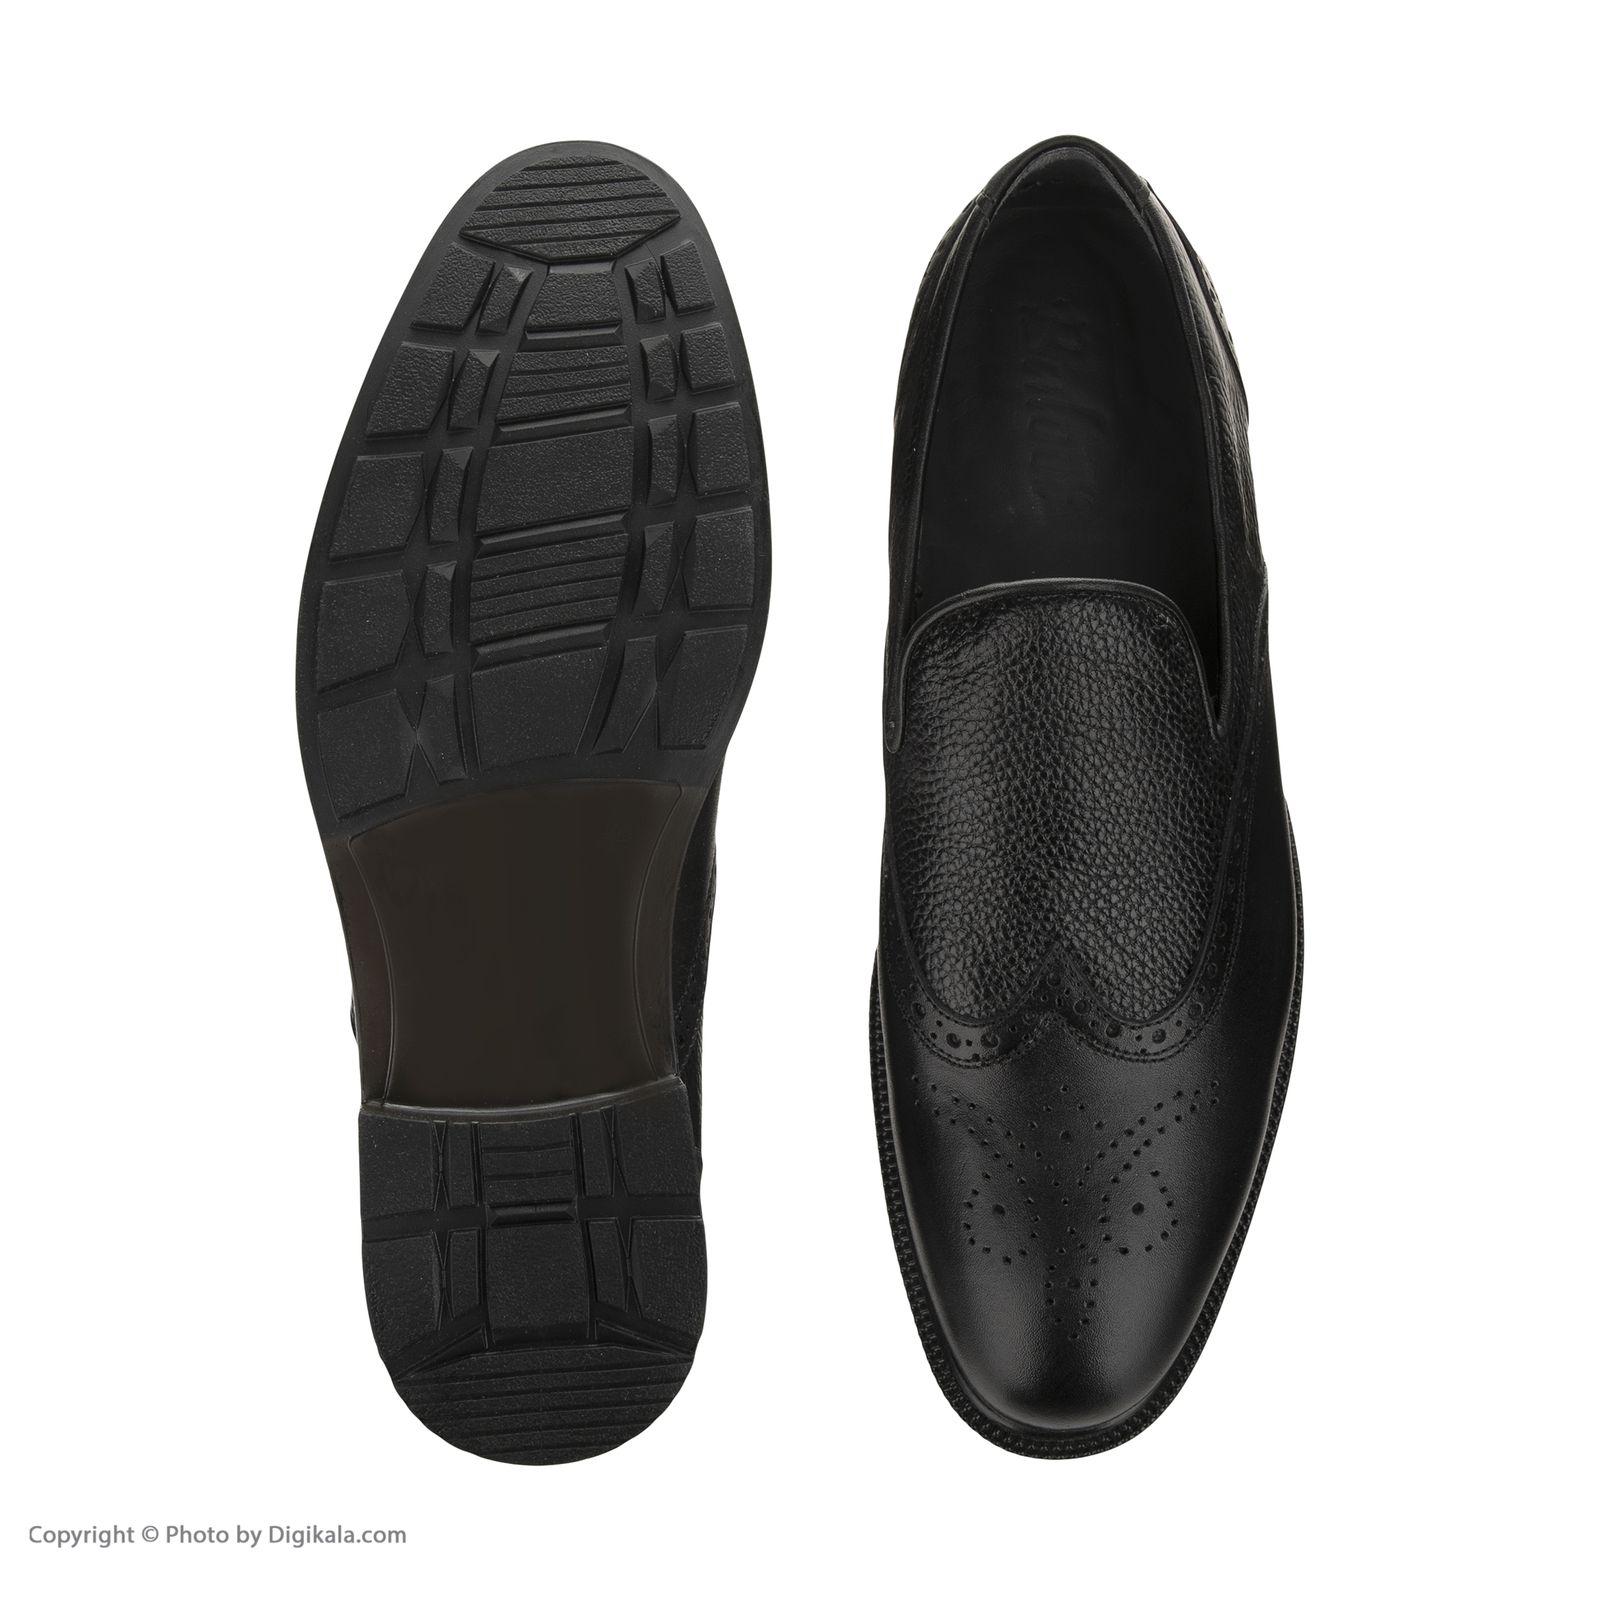 کفش مردانه بلوط مدل 7295A503101 -  - 4